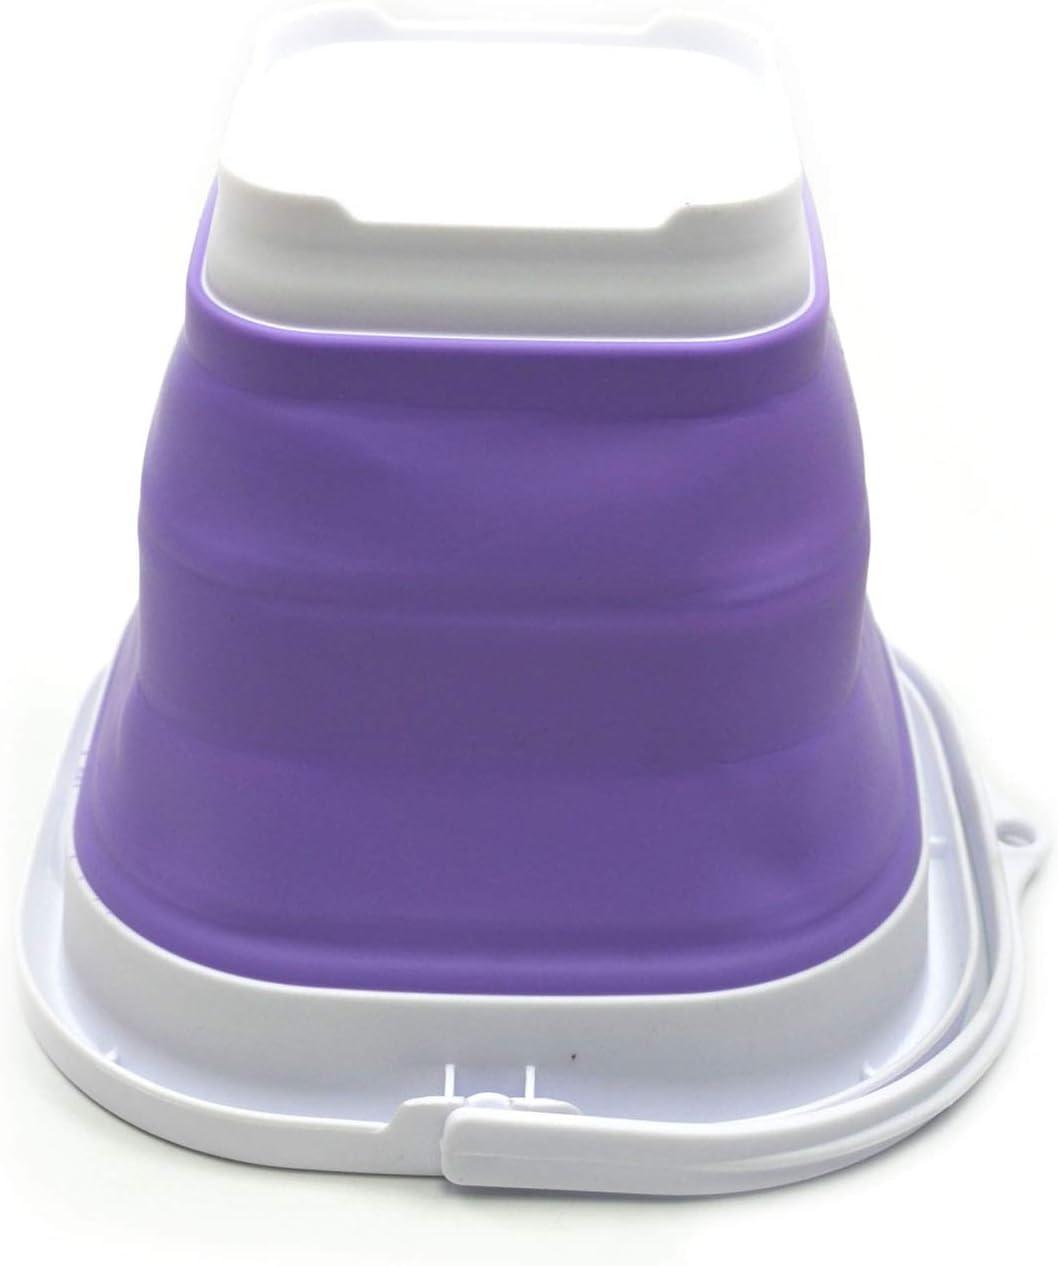 SAMMART Super Mini Seau Plastique Carr/é Pliable Seau dEau de P/êche Portable Baignoire Carr/ée Pliable Pot dEau Ext/érieure Gain dEspace Gris